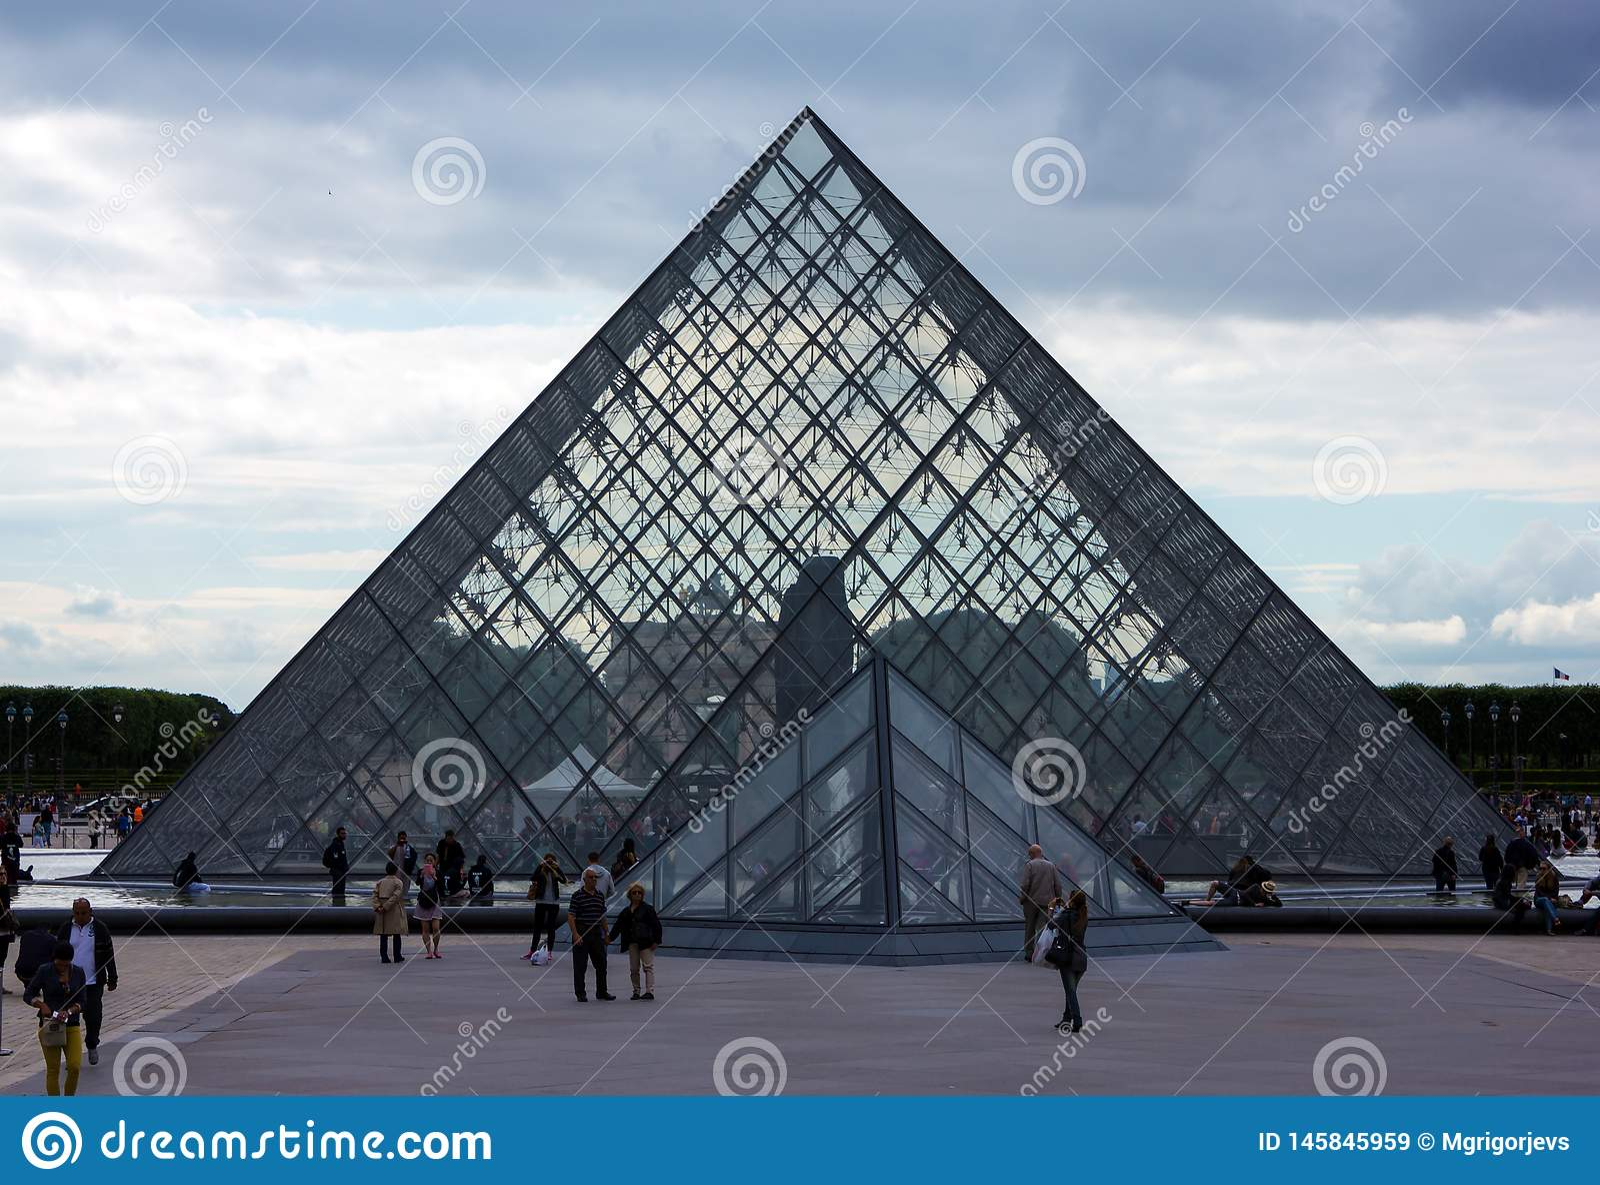 Il museo della piramide del Louvre a Parigi, Francia, il 25 giugno 2013